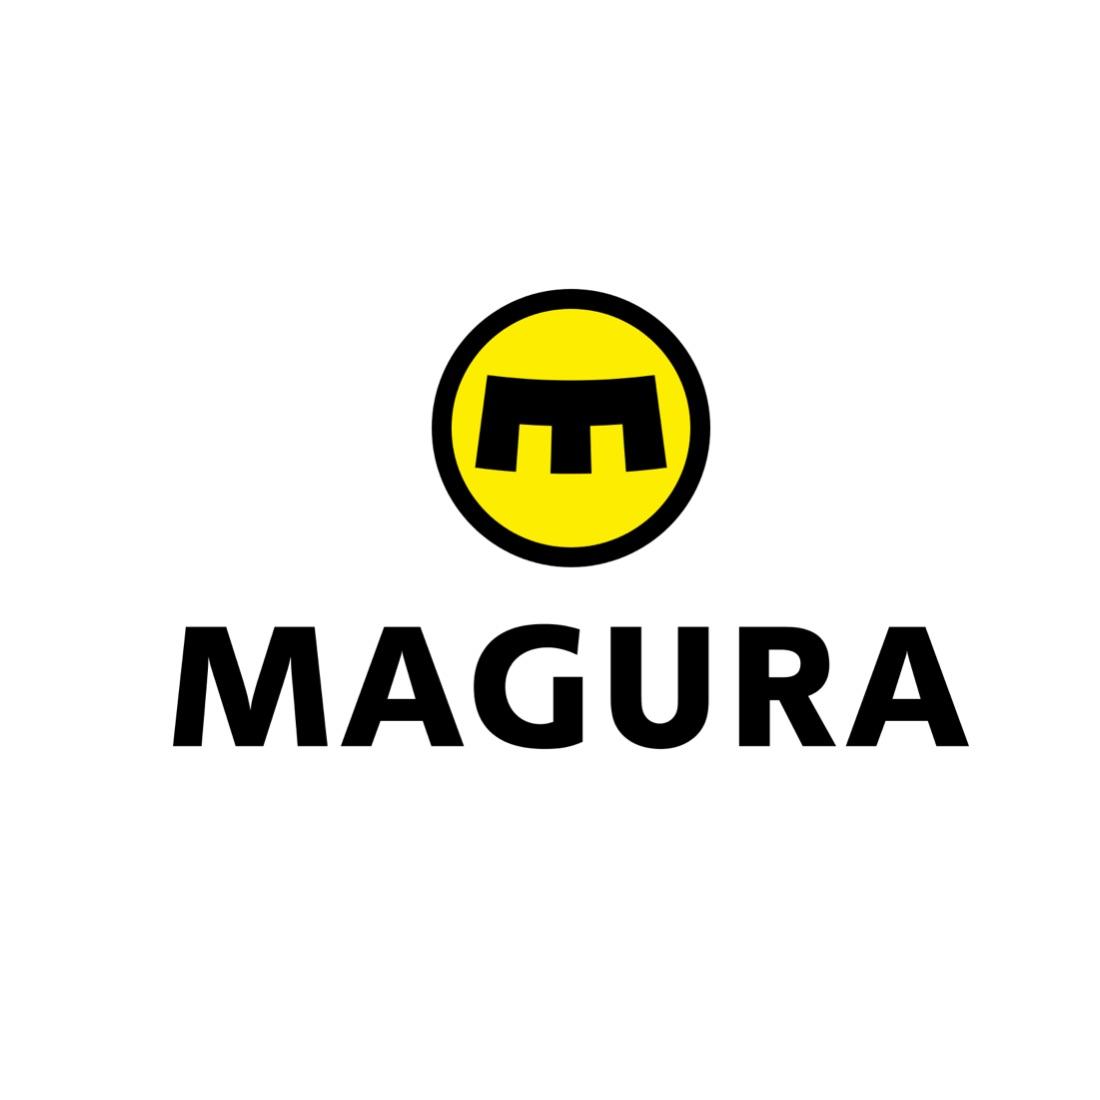 MAGURA Bike Parts GmbH & Co. KG